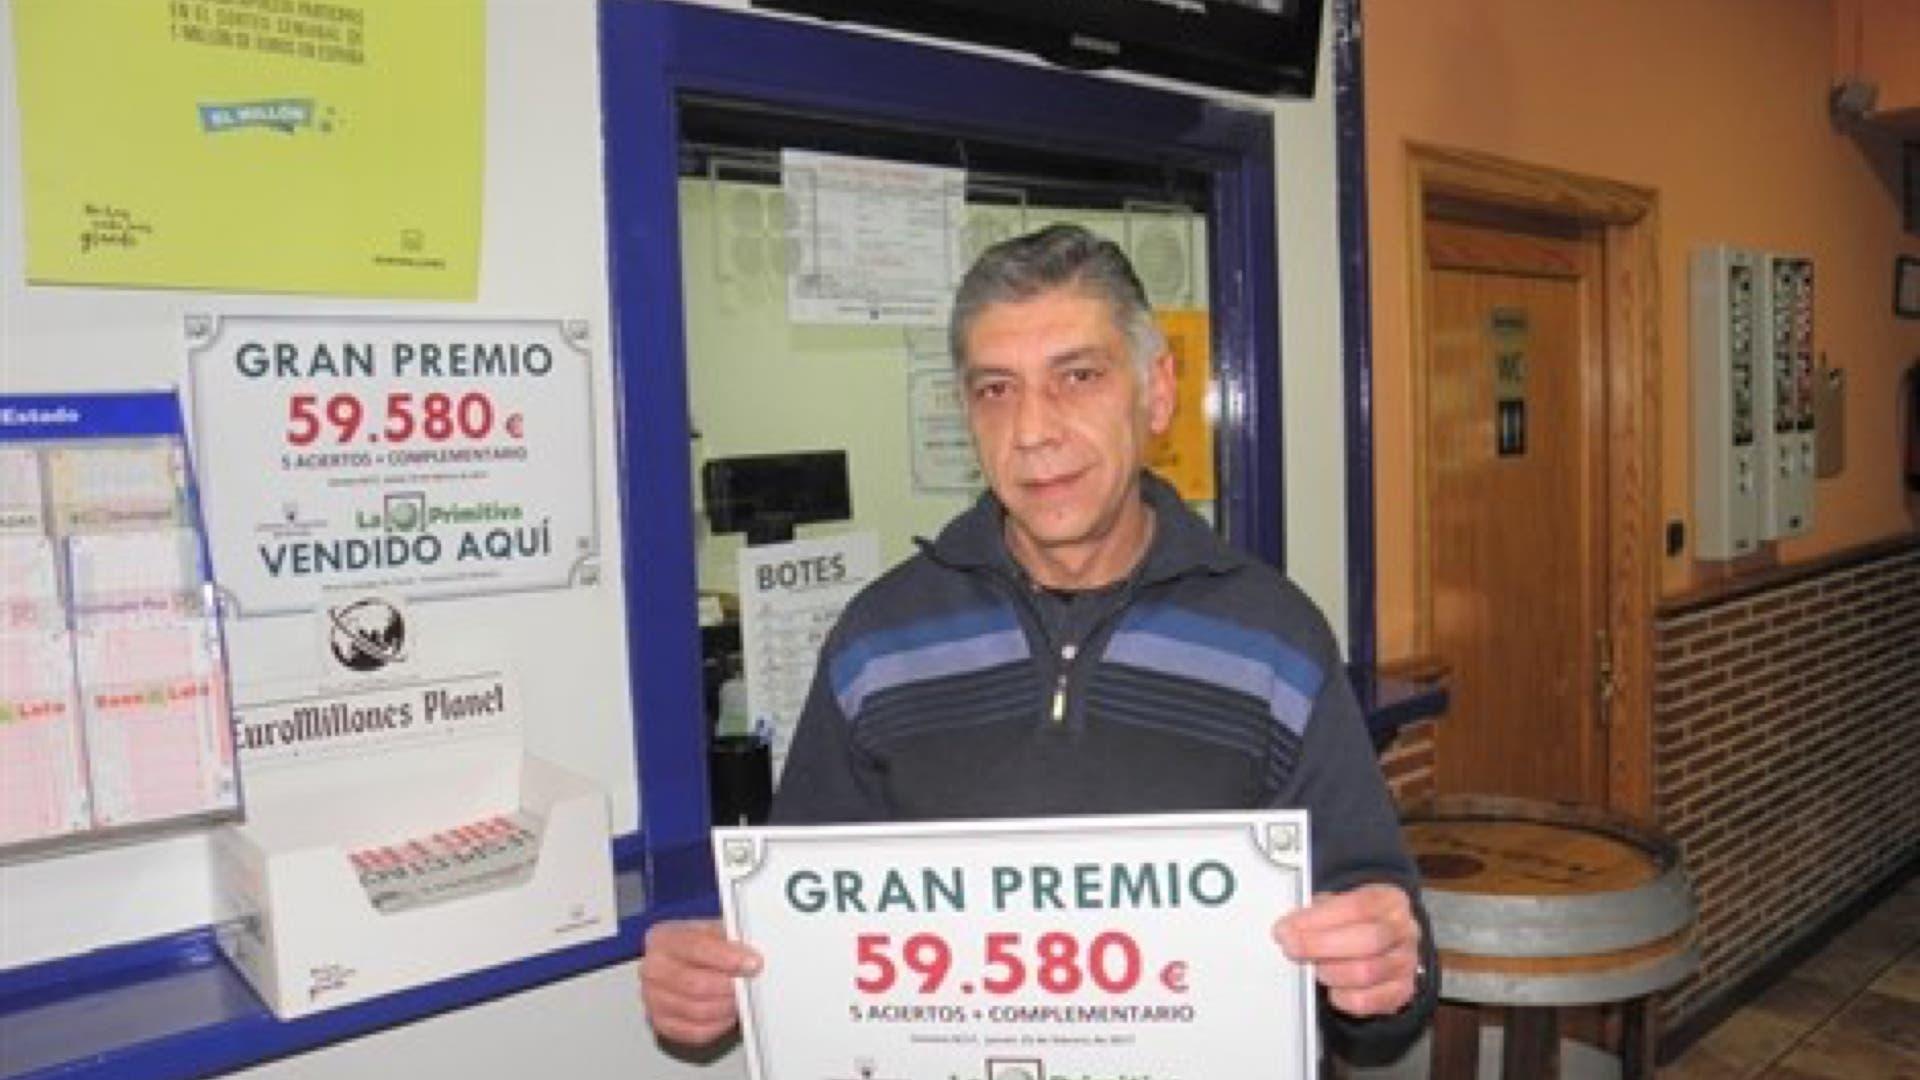 El propietario del bar con el cartel del premio (Loterías).